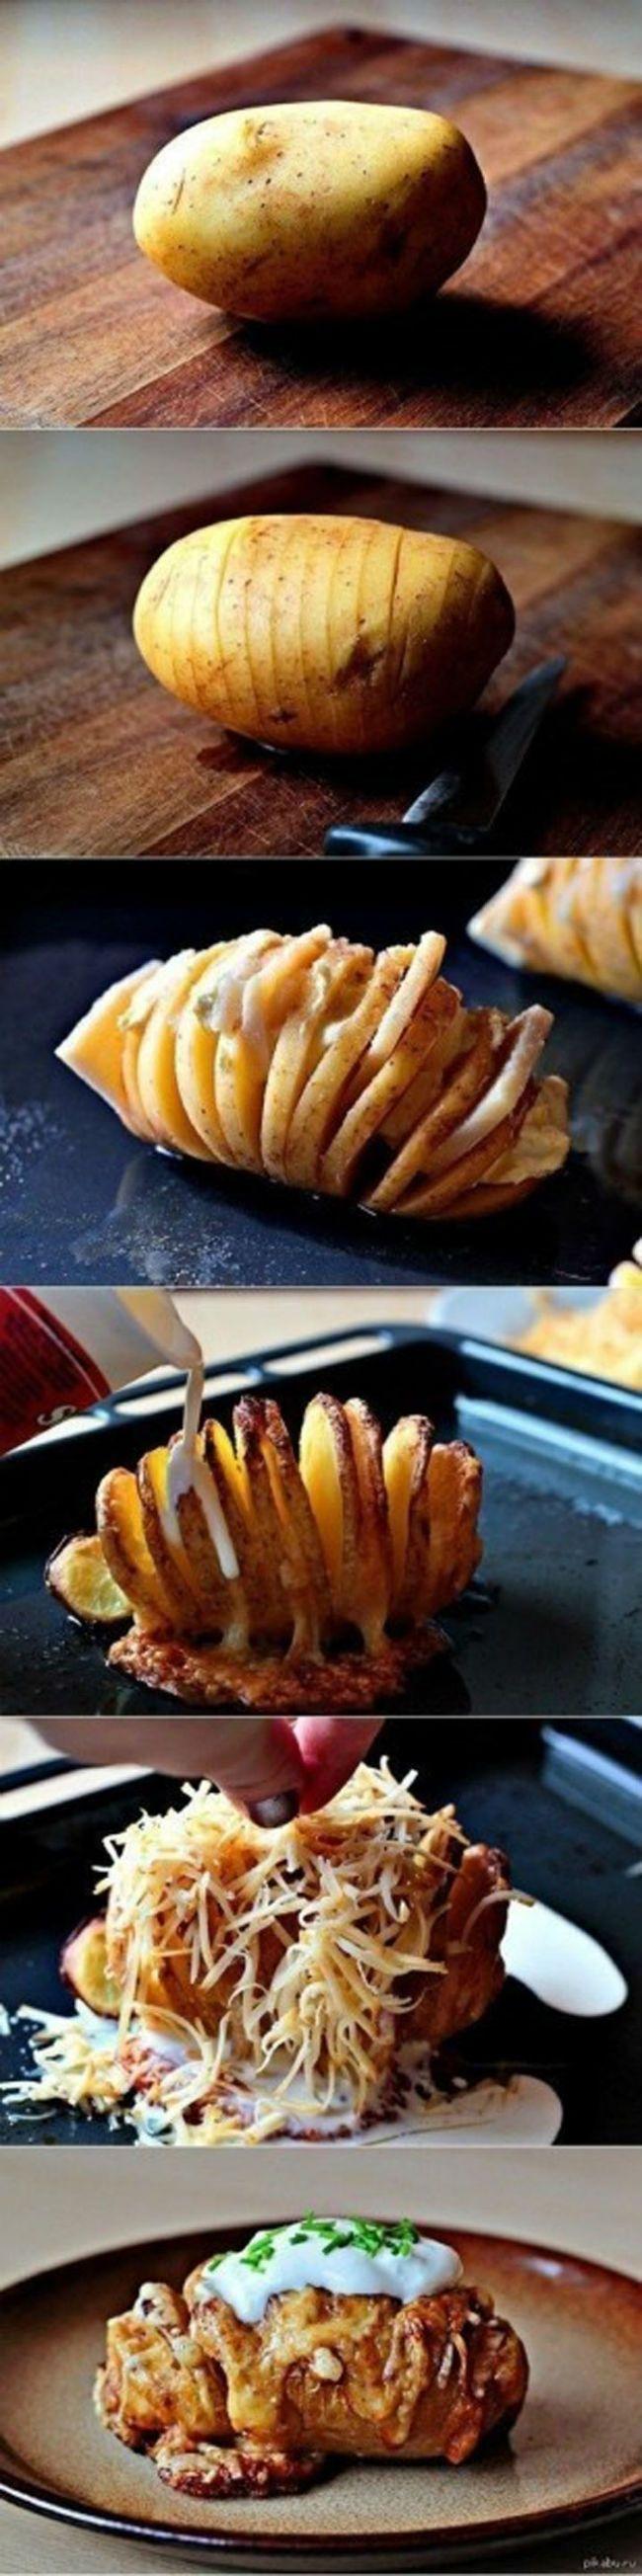 Надоел обычный запеченный картофель? Вот тебе очень вкусный совет. Возьми картофелину, с делай в ней надрезы и помести в них сыр, бекон, соус, зелень по вкусу и запекай в духовке. Божественное блюдо из привычных продуктов готово!12 креативных методов подачи привычных блюд